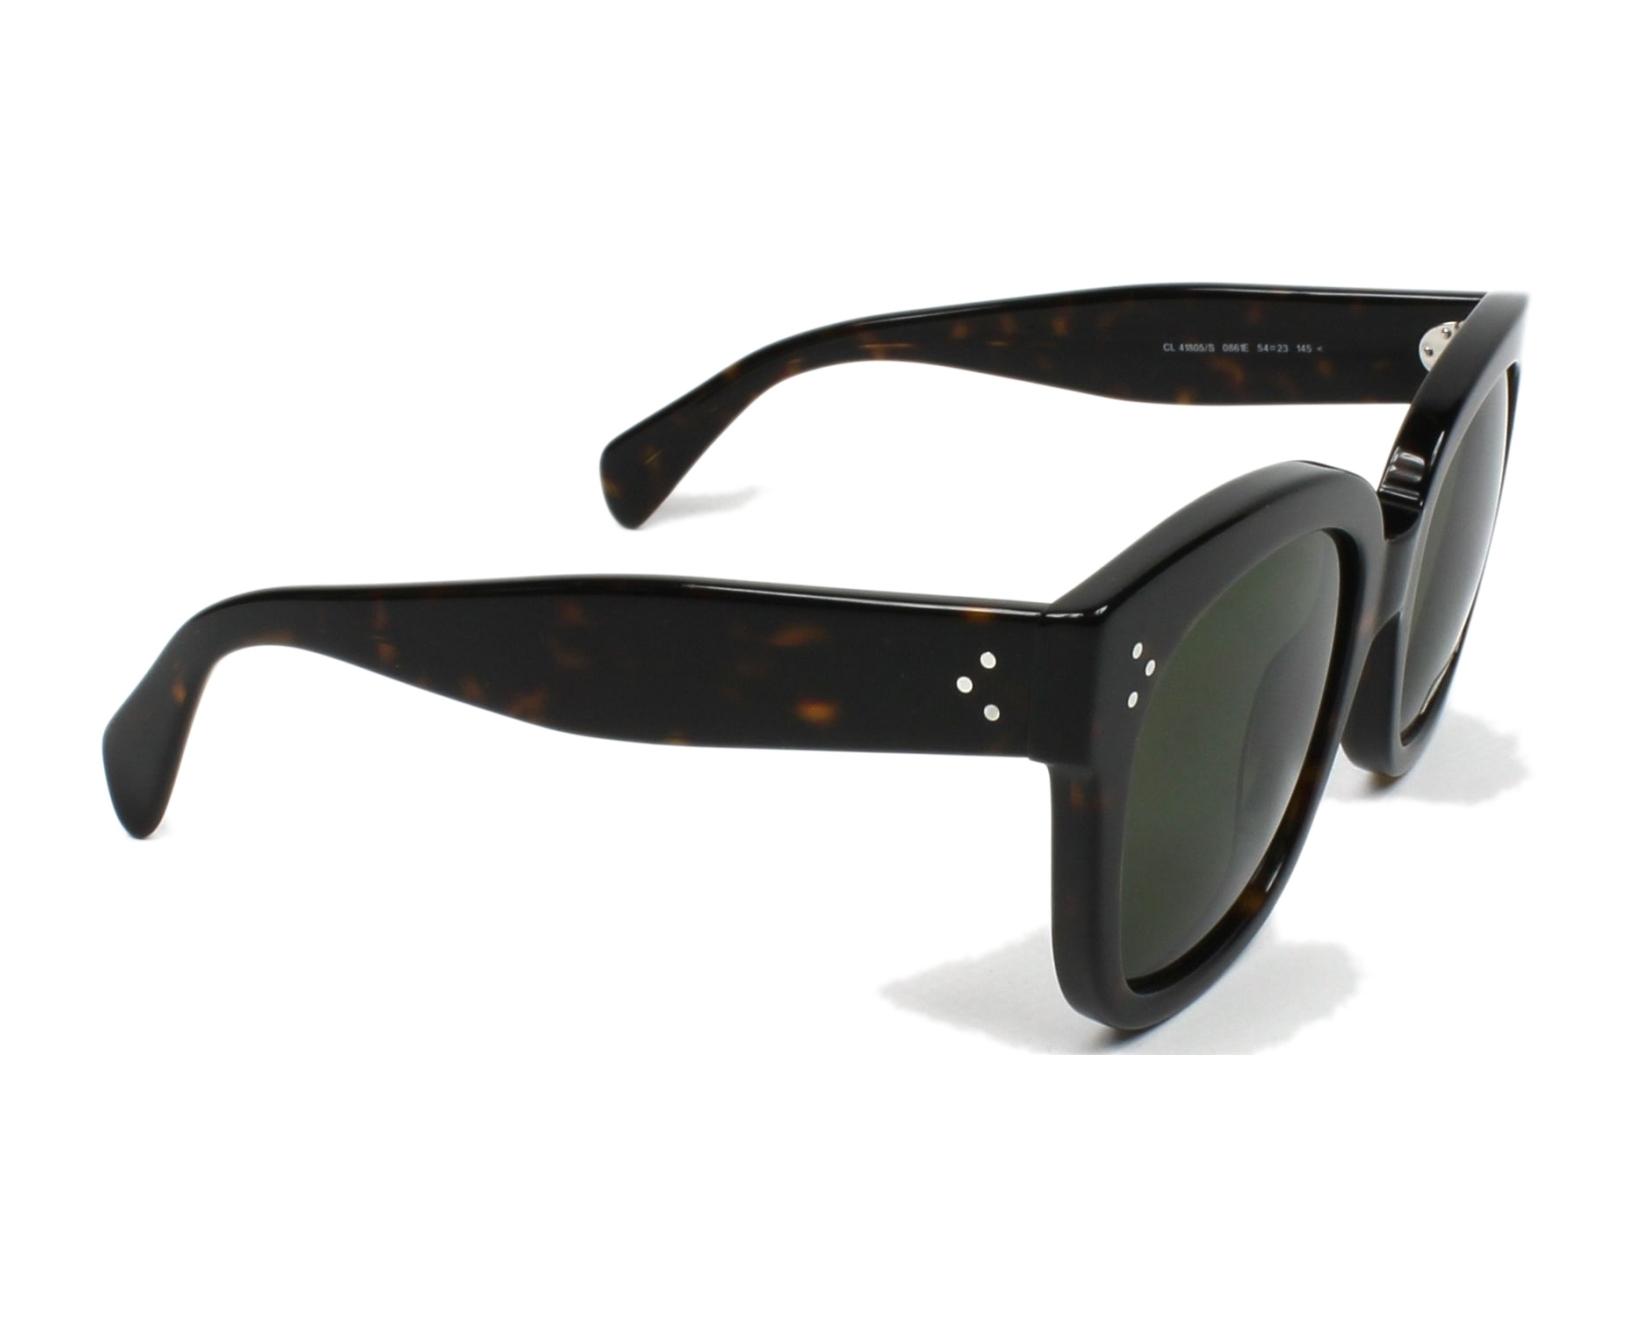 86eccbc50d4c thumbnail Sunglasses Céline CL-41805-S 086 1E - Havana side view